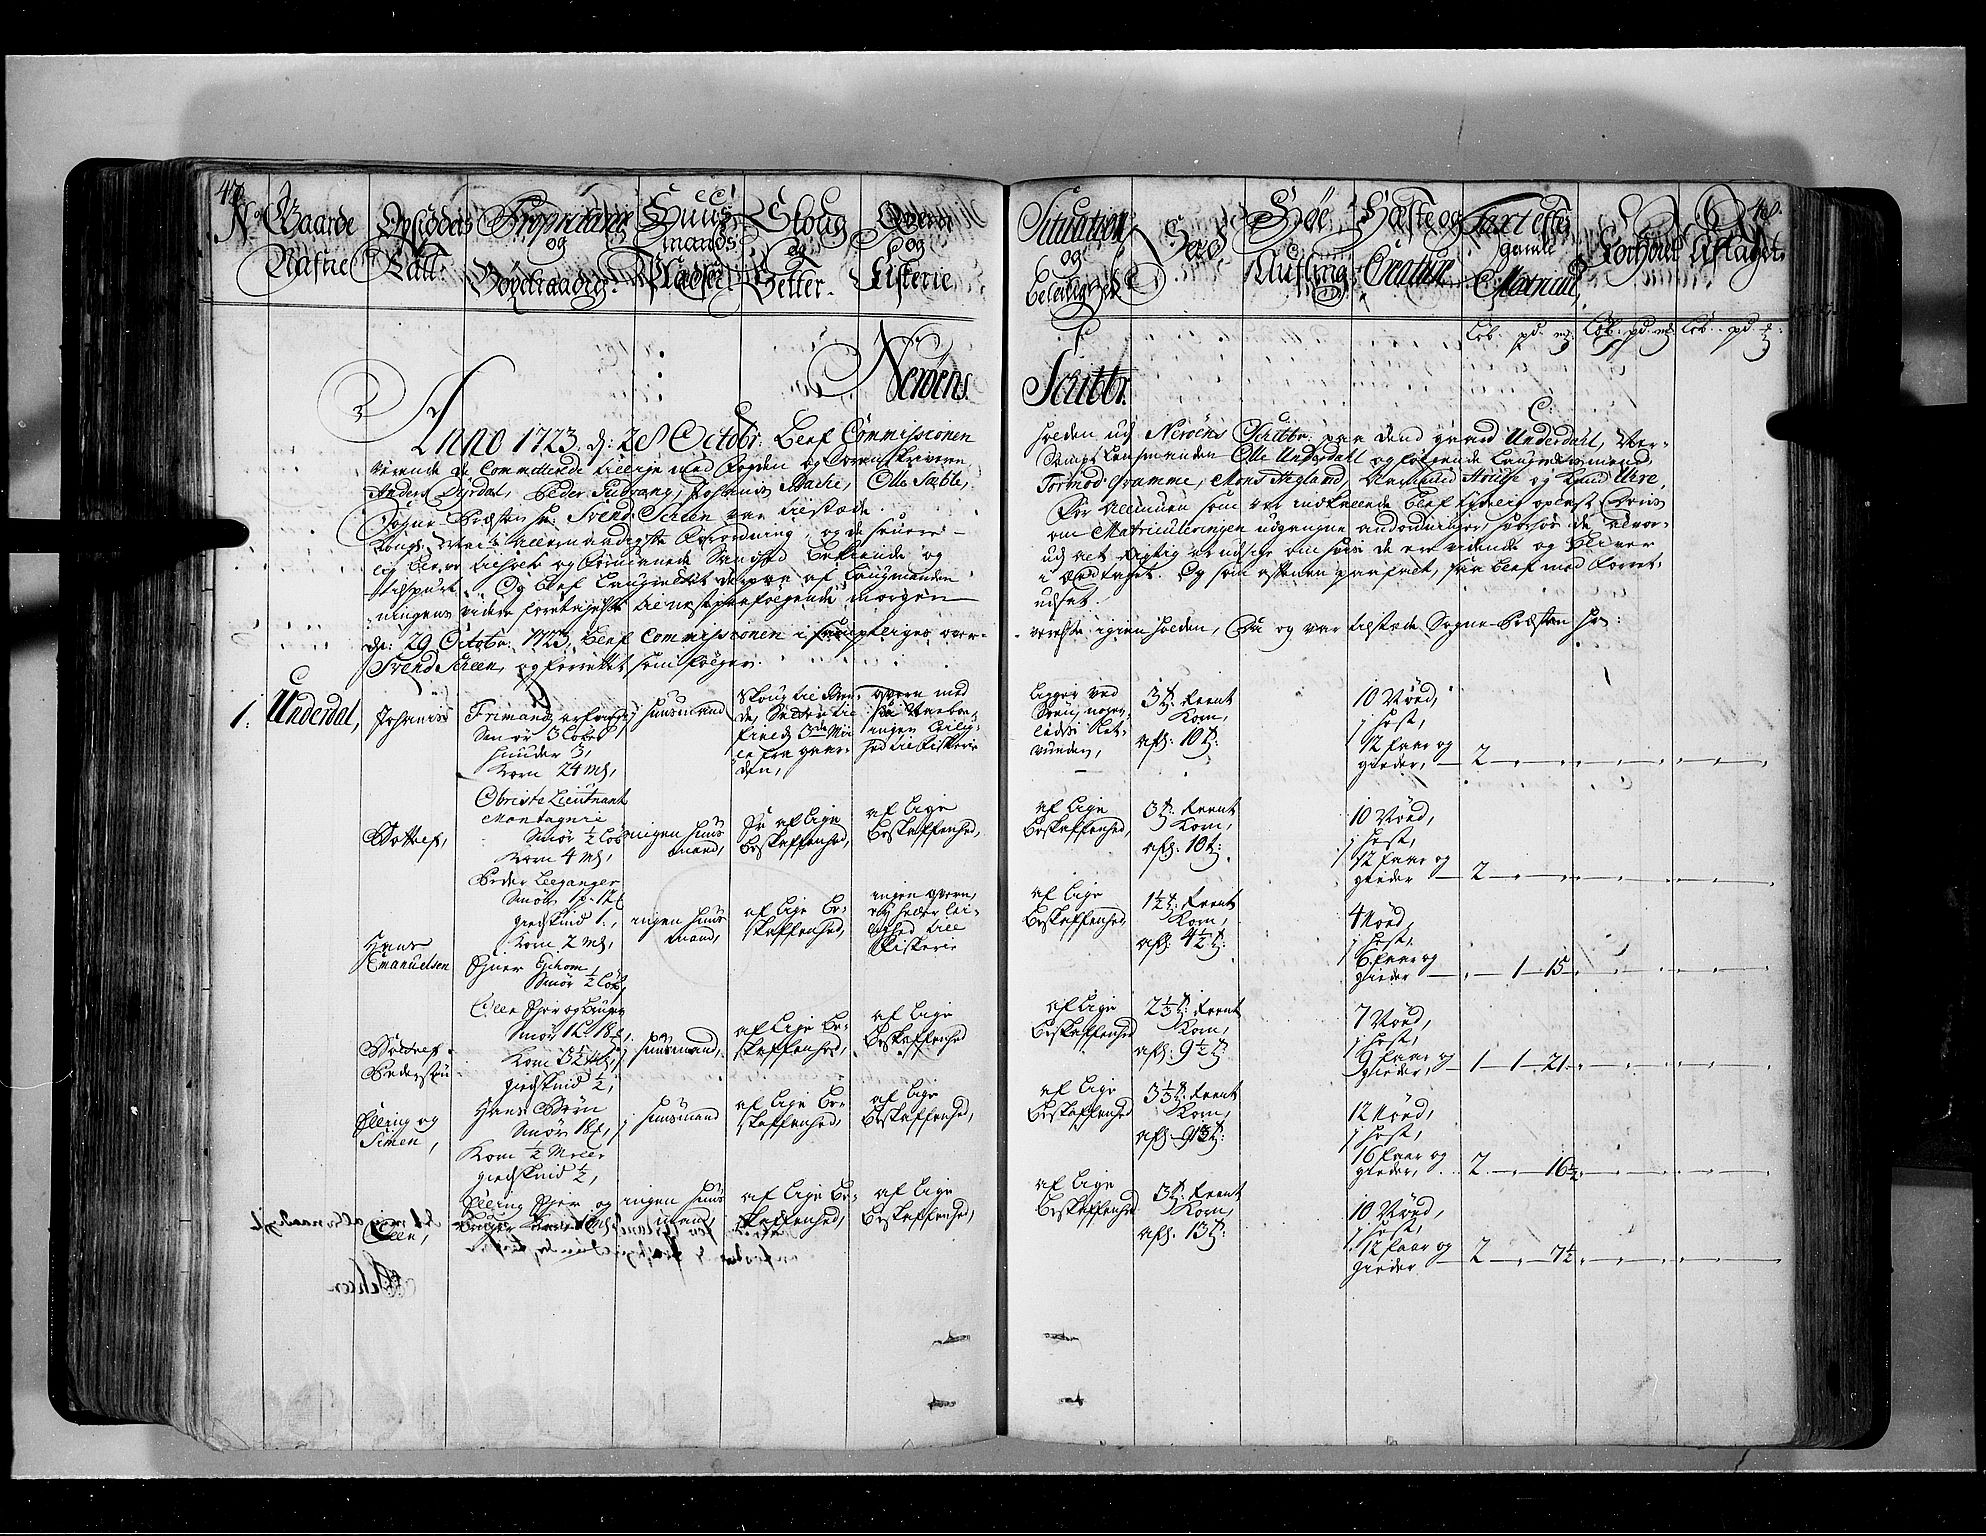 RA, Rentekammeret inntil 1814, Realistisk ordnet avdeling, N/Nb/Nbf/L0143: Ytre og Indre Sogn eksaminasjonsprotokoll, 1723, s. 47-48